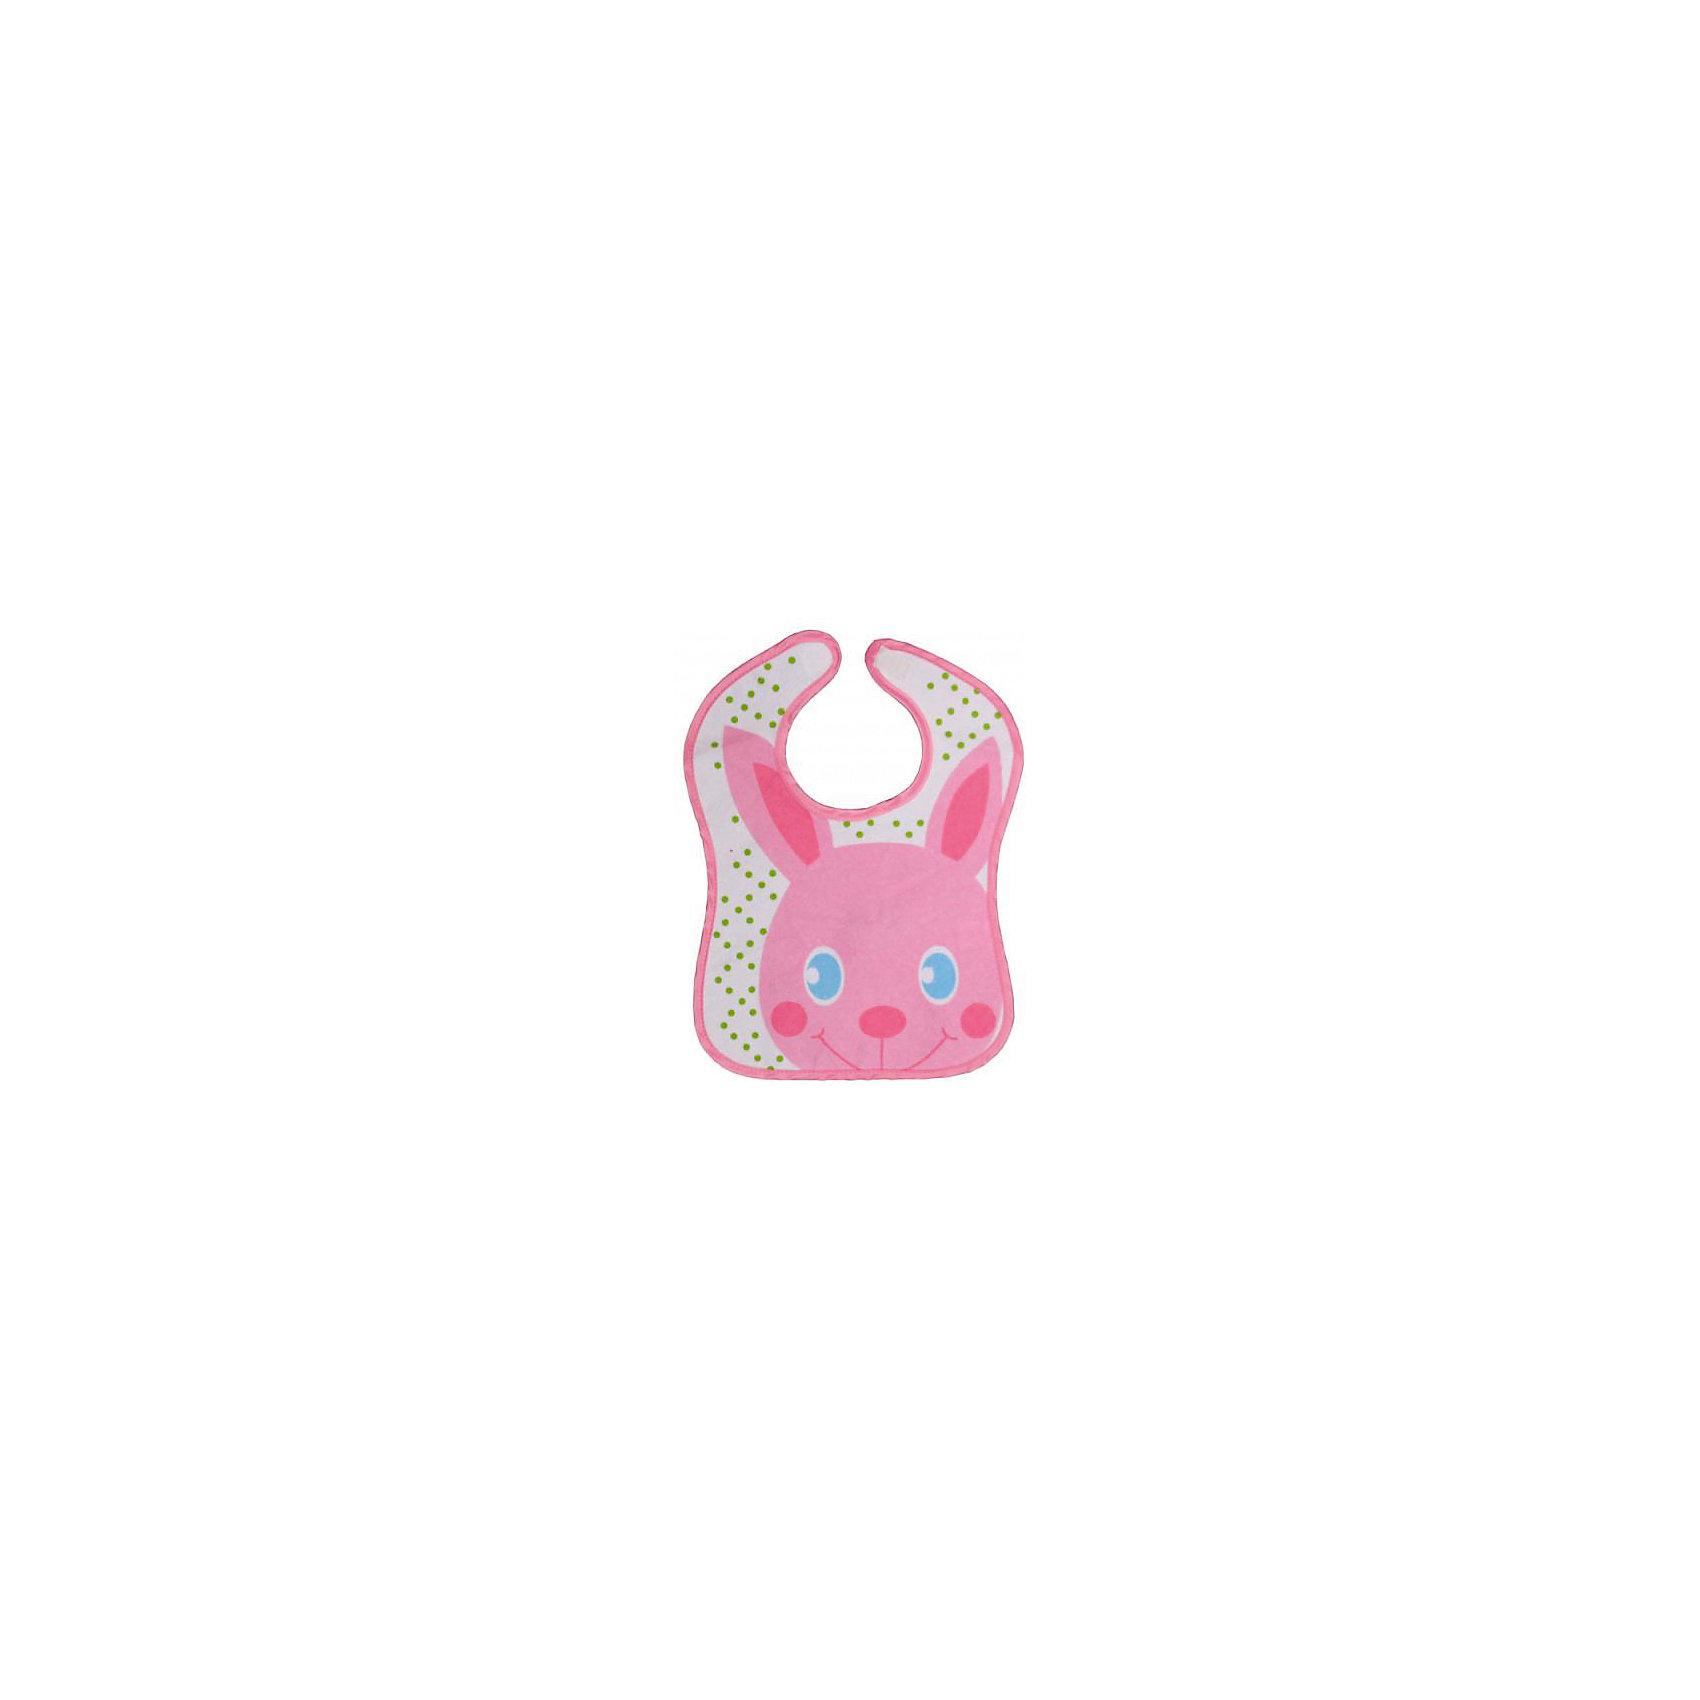 Нагрудник махровый Зайка Sevi baby, розовыйНагрудник махровый Зайка Sevi baby, розовый – это нагрудник с мягким непромокаемым слоем с внутренней стороны и с застежкой-липучкой.<br>Нагрудник Sevi Baby с красочным изображением розового зайчика прекрасно подойдет для кормления ребенка. Нагрудник выполнен из натуральной экологически чистой махровой ткани, которая отлично впитывает влагу и отличается гипоаллергенными свойствами. Обратная сторона нагрудника изготовлена из полиуретана, она не промокает, поэтому одежда малыша останется сухой, даже если он что-то пролил на себя. Нагрудник оснащен застежкой-липучкой. Sevi Baby - это одежда для самых маленьких, созданная с пониманием и заботой о комфорте и здоровье ребенка! Одежда Sevi Baby соответствует Международному стандарту Eko-Tex-Standard 100, группа 1 - Ткань, достойная доверия.<br><br>Дополнительная информация:<br><br>- Возраст: от 3 месяцев до 1 года<br>- Материал: хлопок, полиэстер, полиуретан<br>- Размер: 30 х 24 см.<br><br>Нагрудник махровый Зайка Sevi baby, розовый можно купить в нашем интернет-магазине.<br><br>Ширина мм: 360<br>Глубина мм: 240<br>Высота мм: 50<br>Вес г: 50<br>Цвет: розовый<br>Возраст от месяцев: 3<br>Возраст до месяцев: 12<br>Пол: Женский<br>Возраст: Детский<br>SKU: 4236861